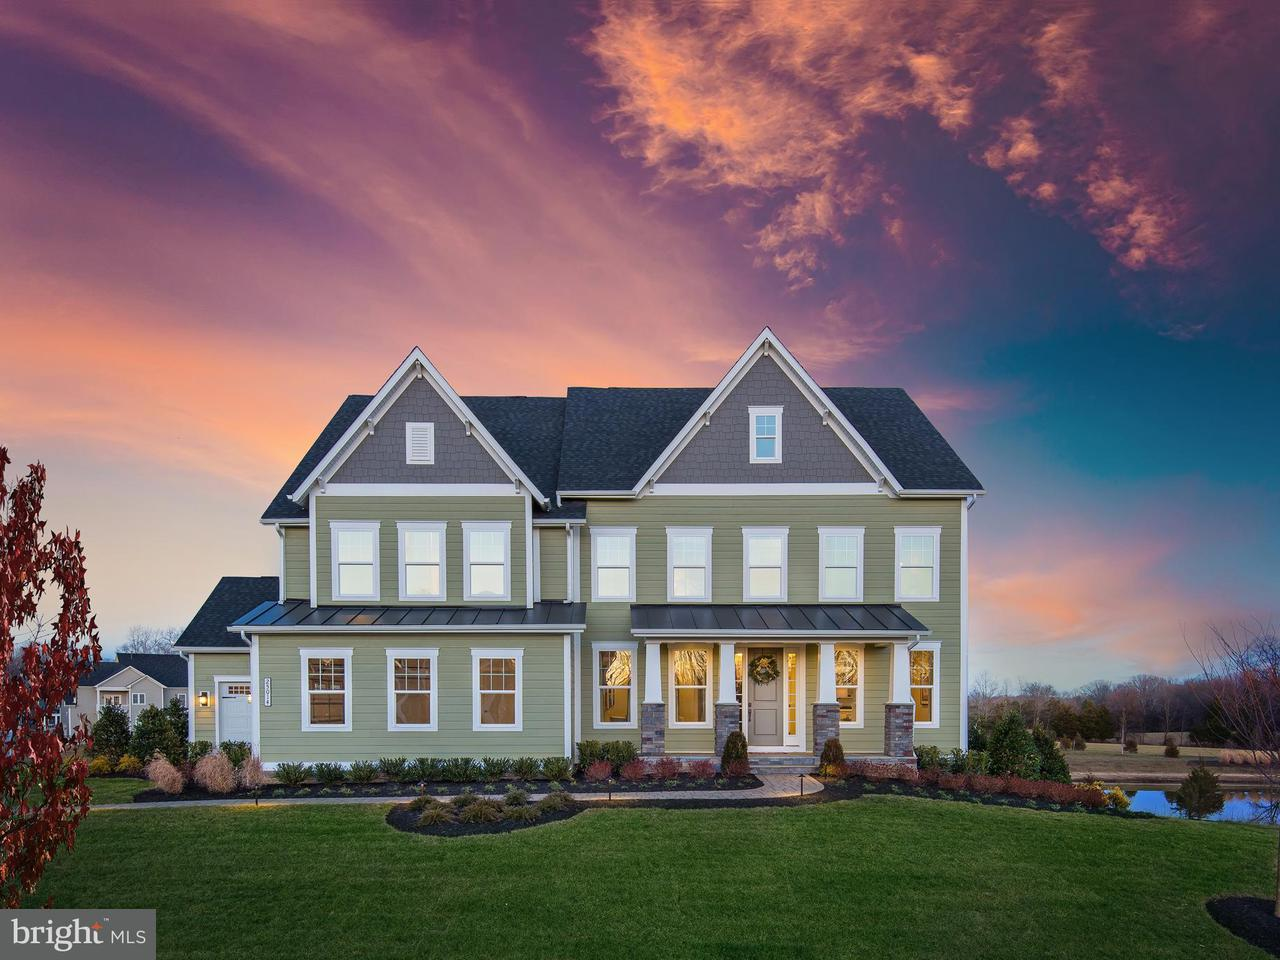 Частный односемейный дом для того Продажа на 2217 Jacob Way 2217 Jacob Way Gambrills, Мэриленд 21054 Соединенные Штаты